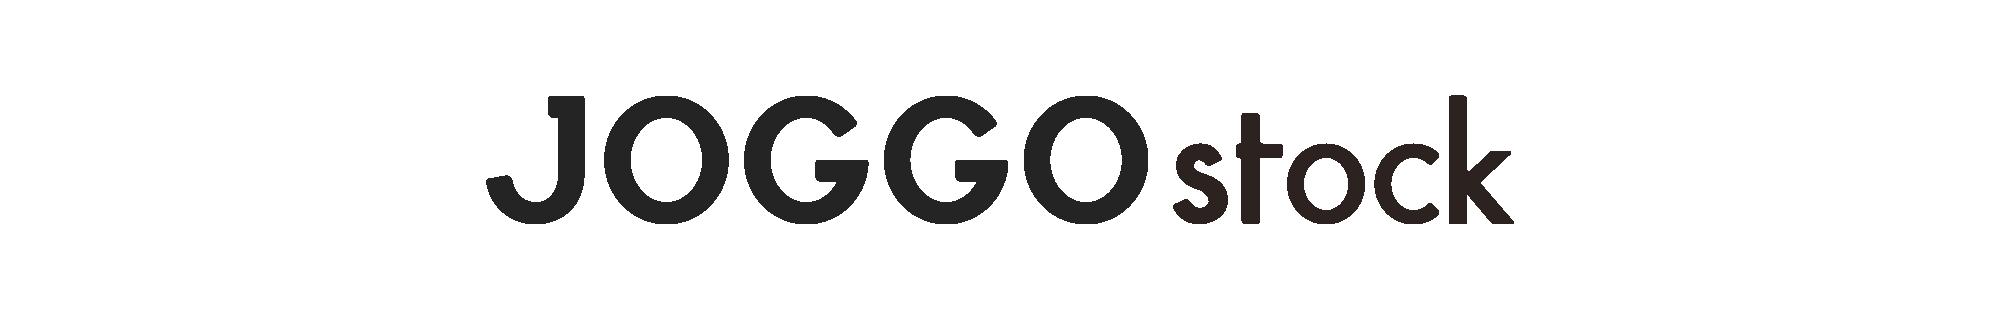 JOGGO stock | 枯れない革の花とブーケ・革製品のお手入れに使うレザーケアグッズの販売サイト